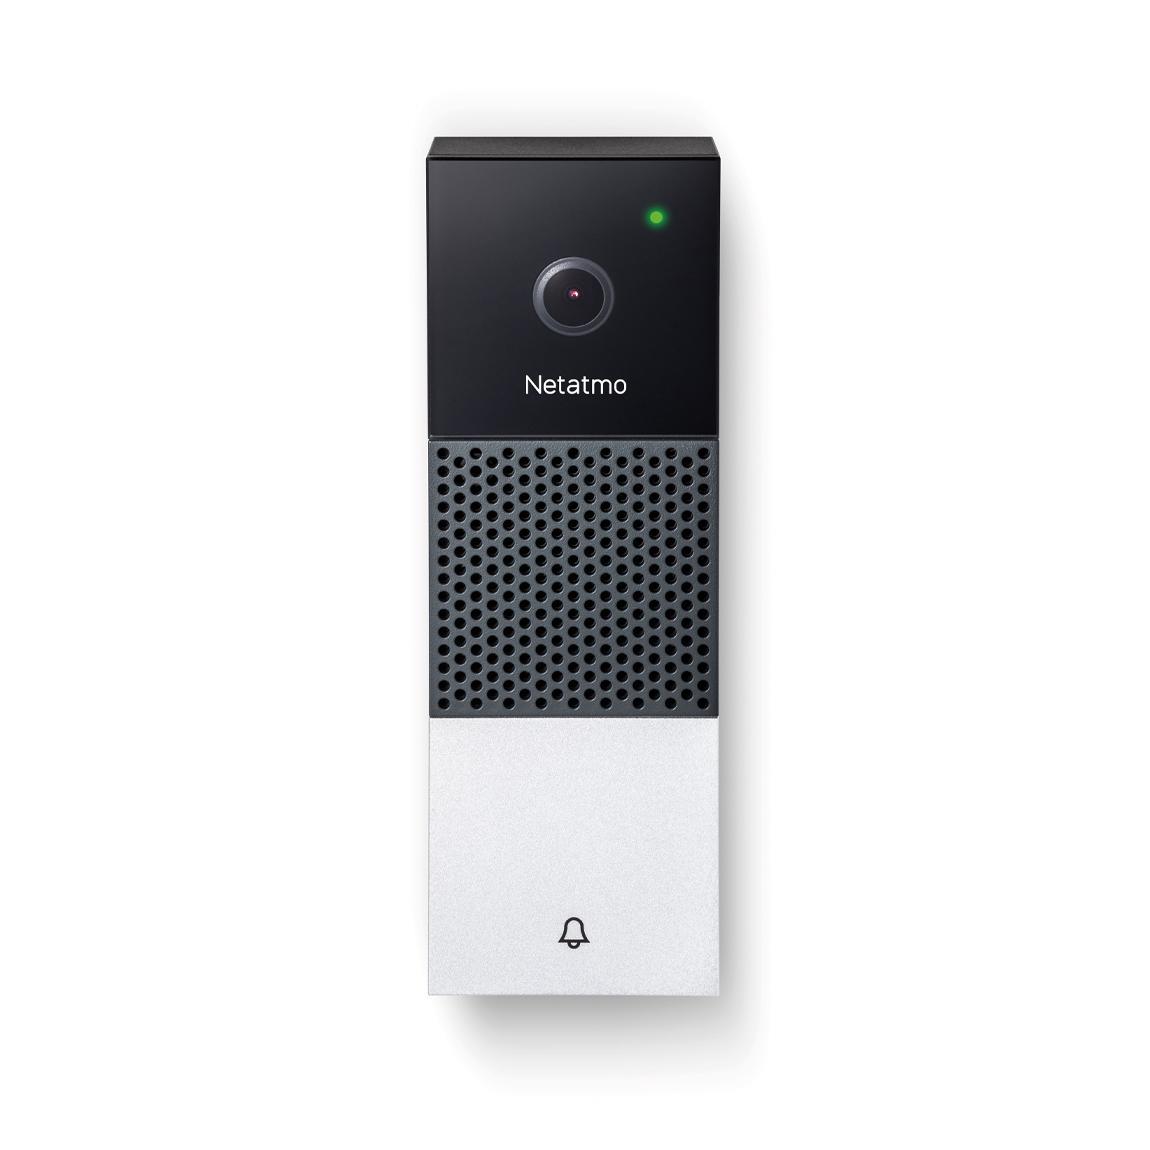 Netatmo Smarte Videotürklingel - schwarz